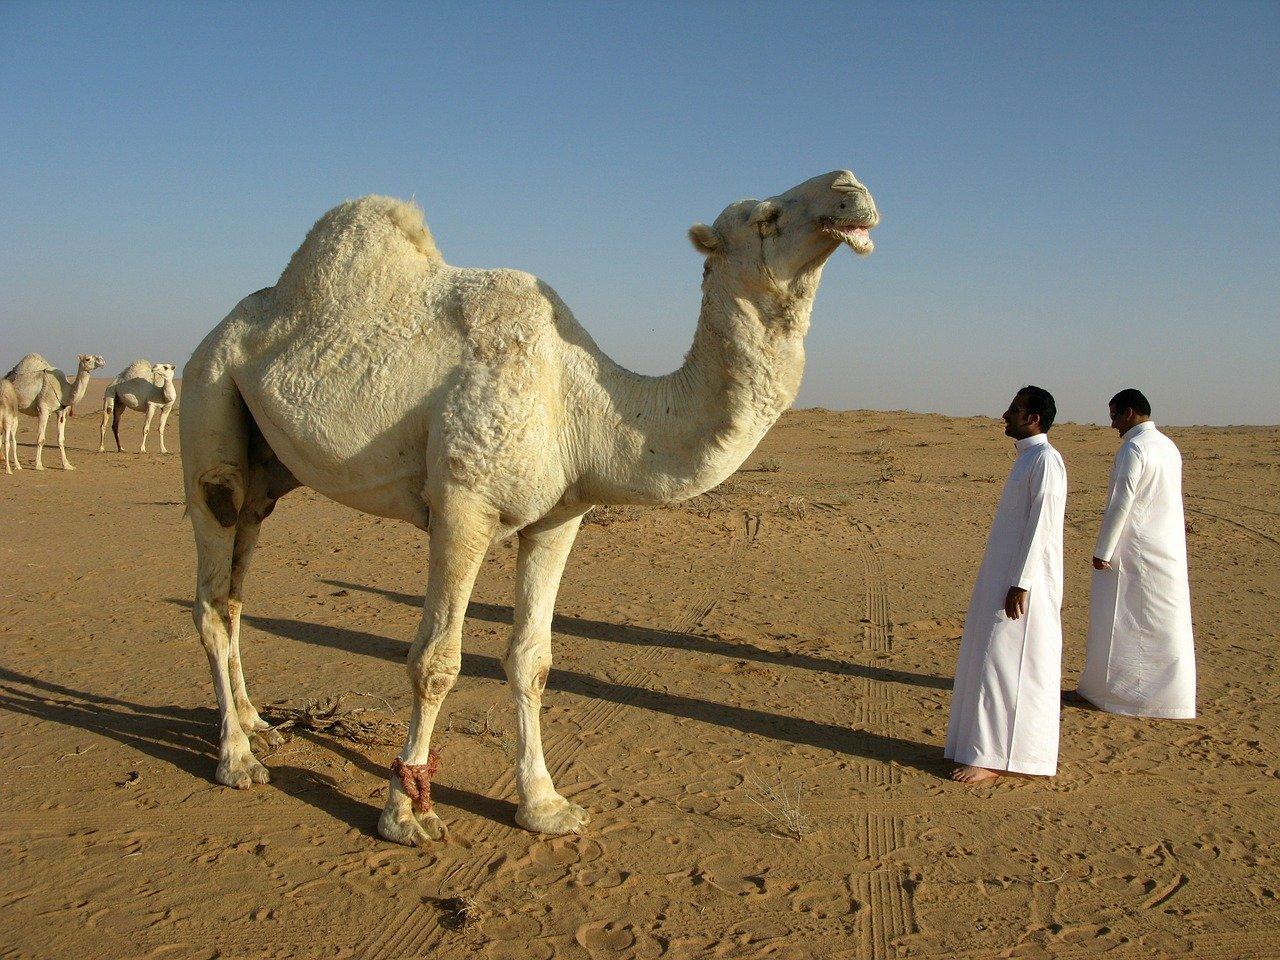 Camel in Saudi Arabia